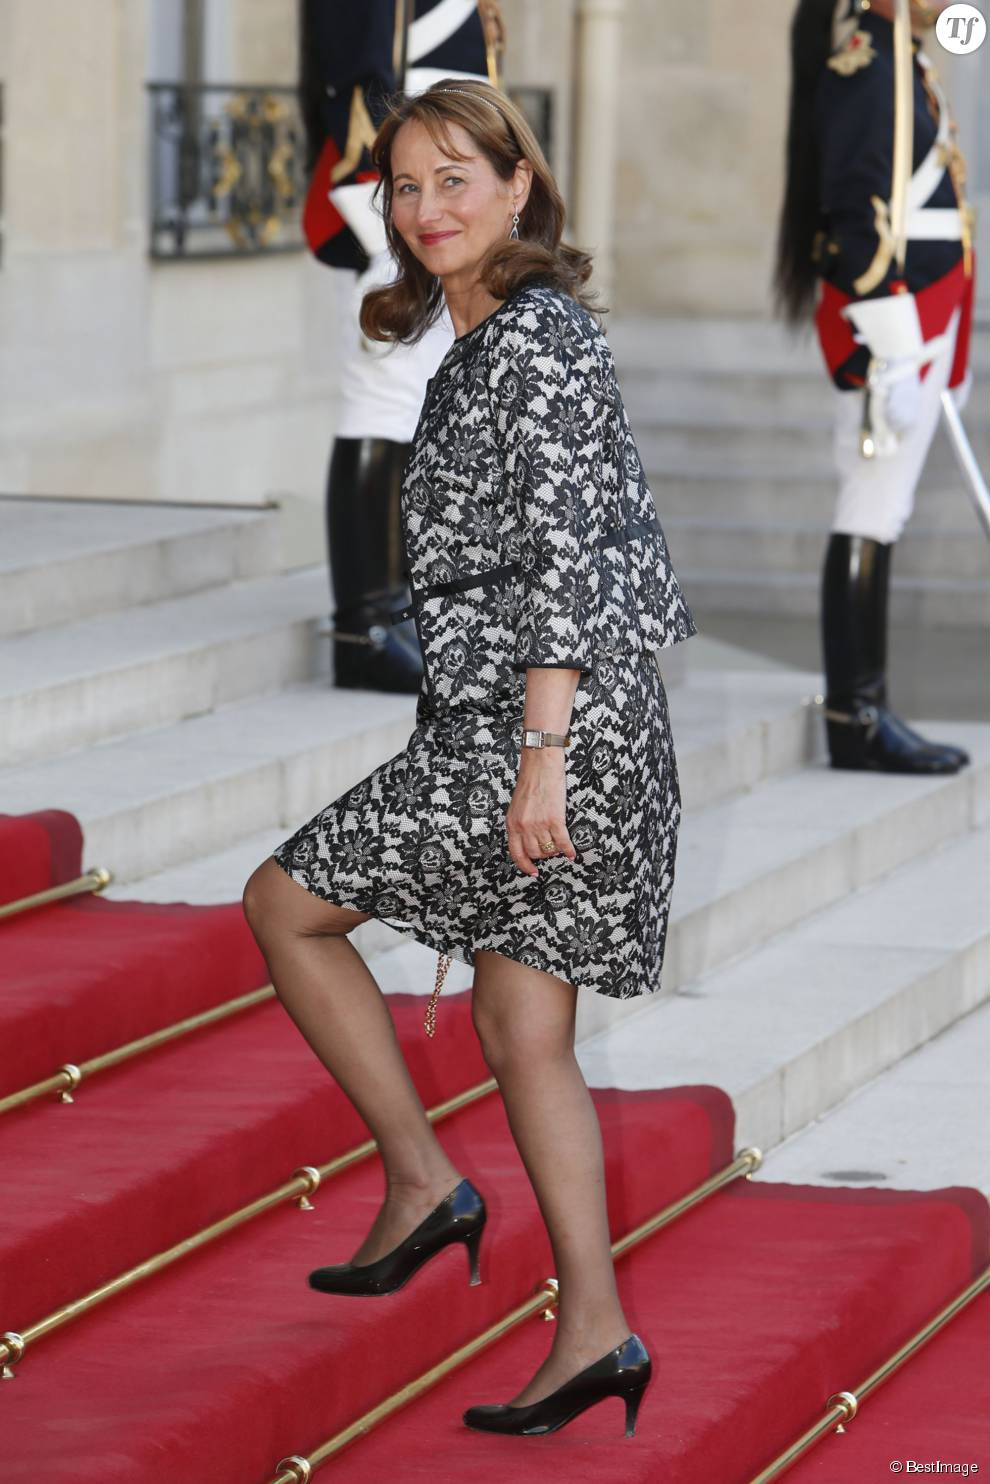 Valérie Trierweiler n'aimait pas beaucoup Ségolène Royal quand elle était en couple avec François Hollande. Mais aujourd'hui la situation semble s'être enfin apaisée.